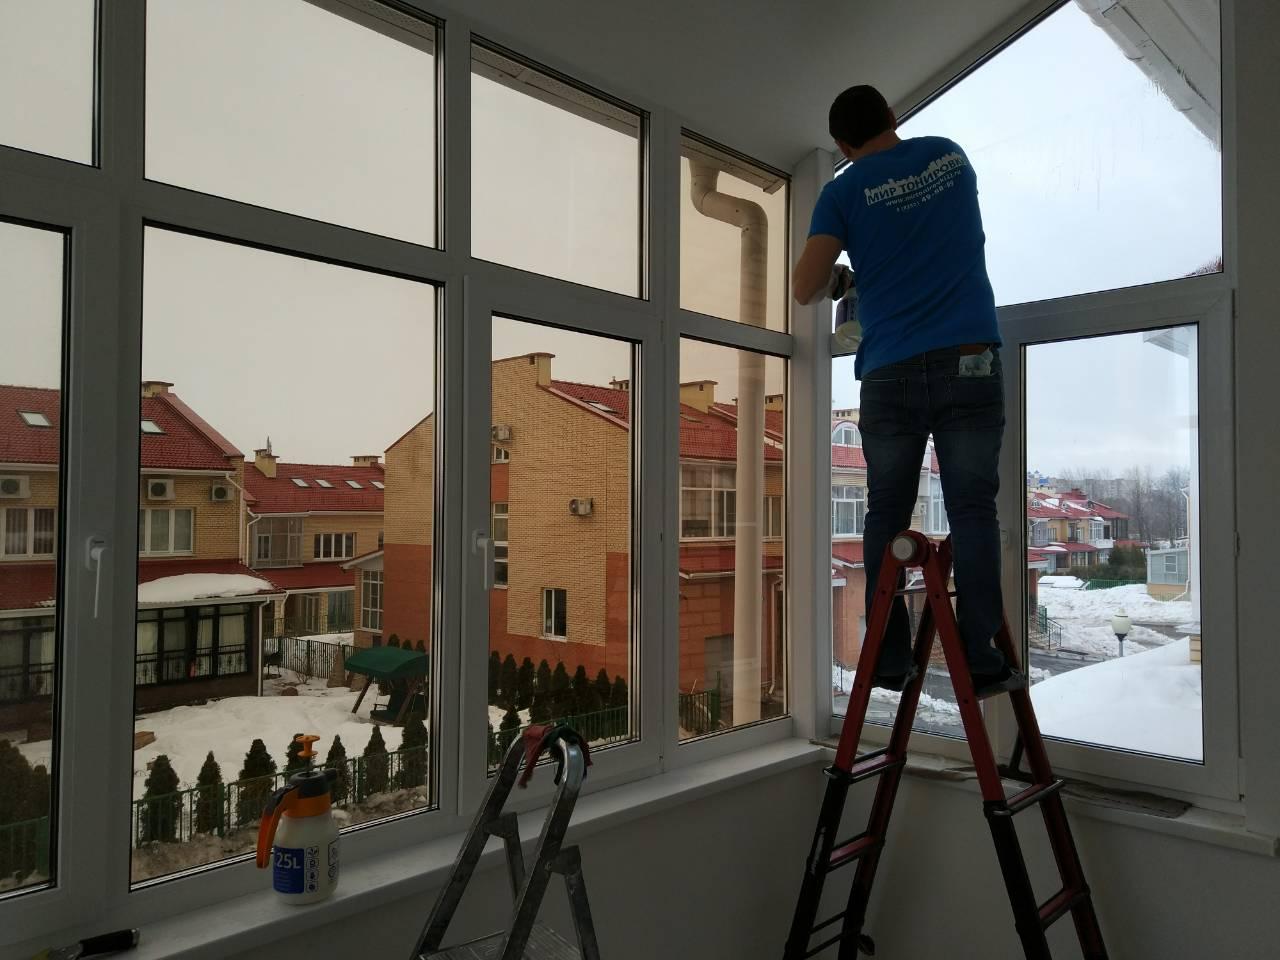 Зеркальная тонировка окон балкона: на каком цвете, виде остановить выбор